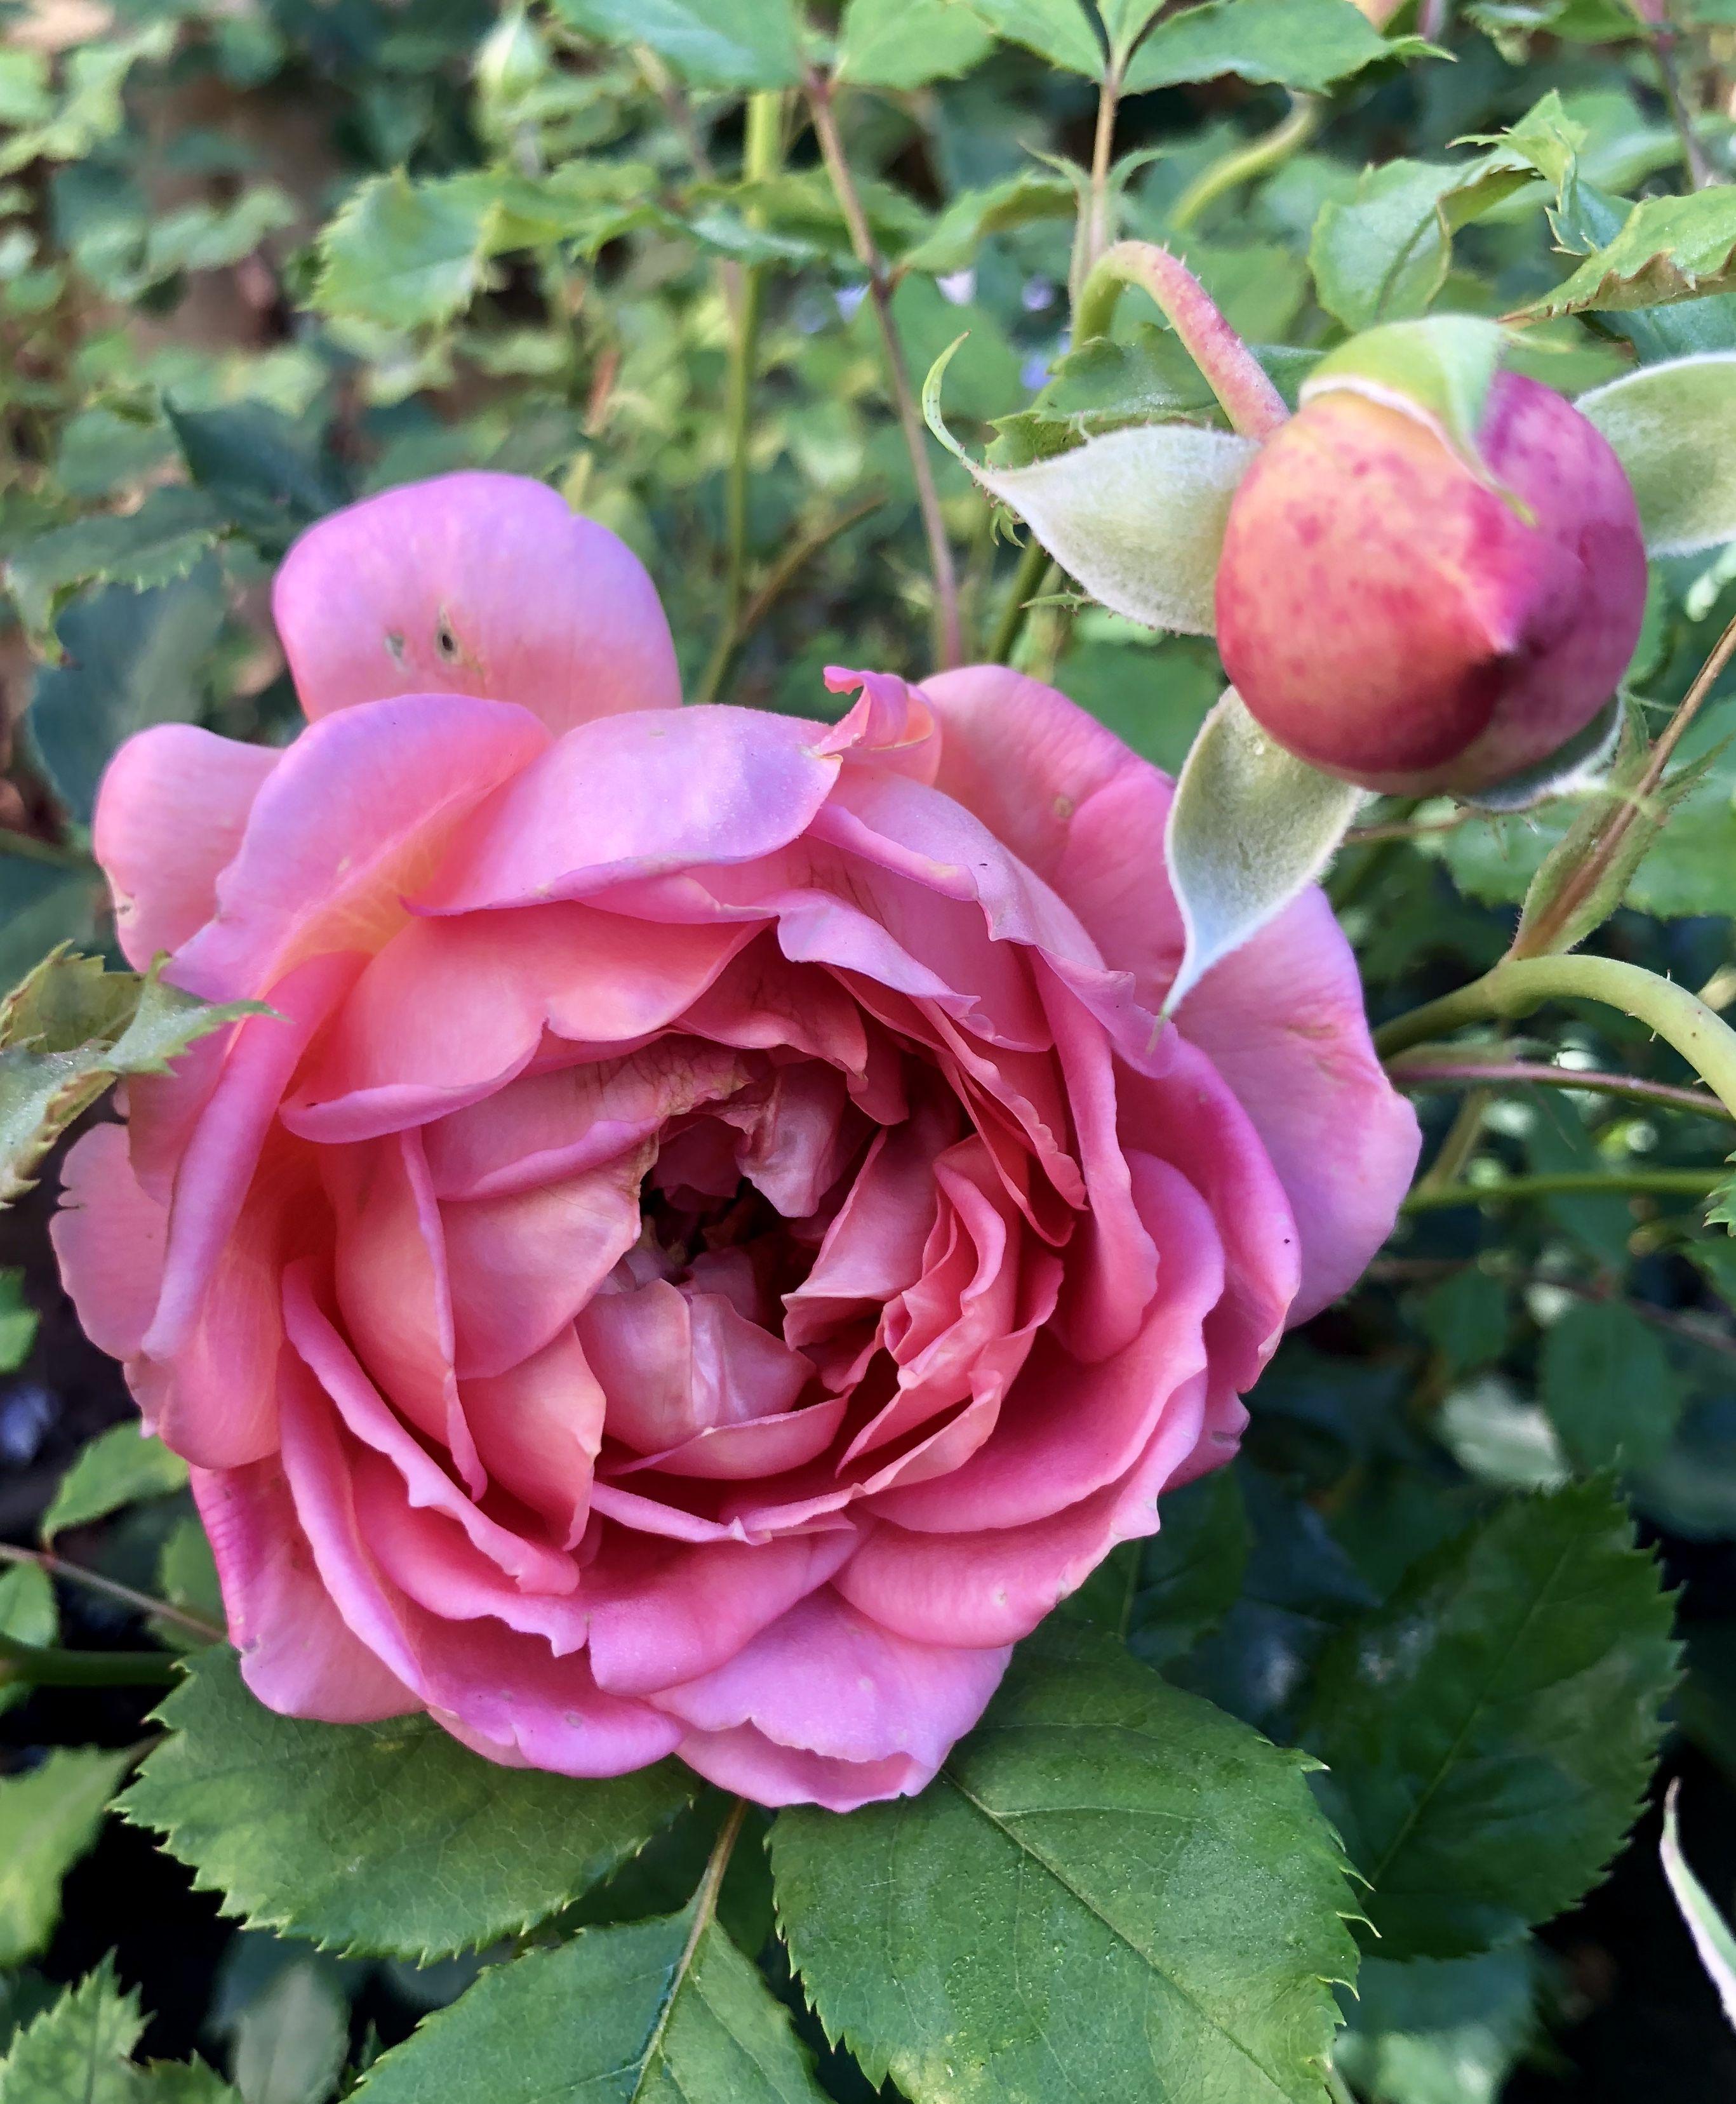 26th September 2018. Rosa Jubilee Celebration still